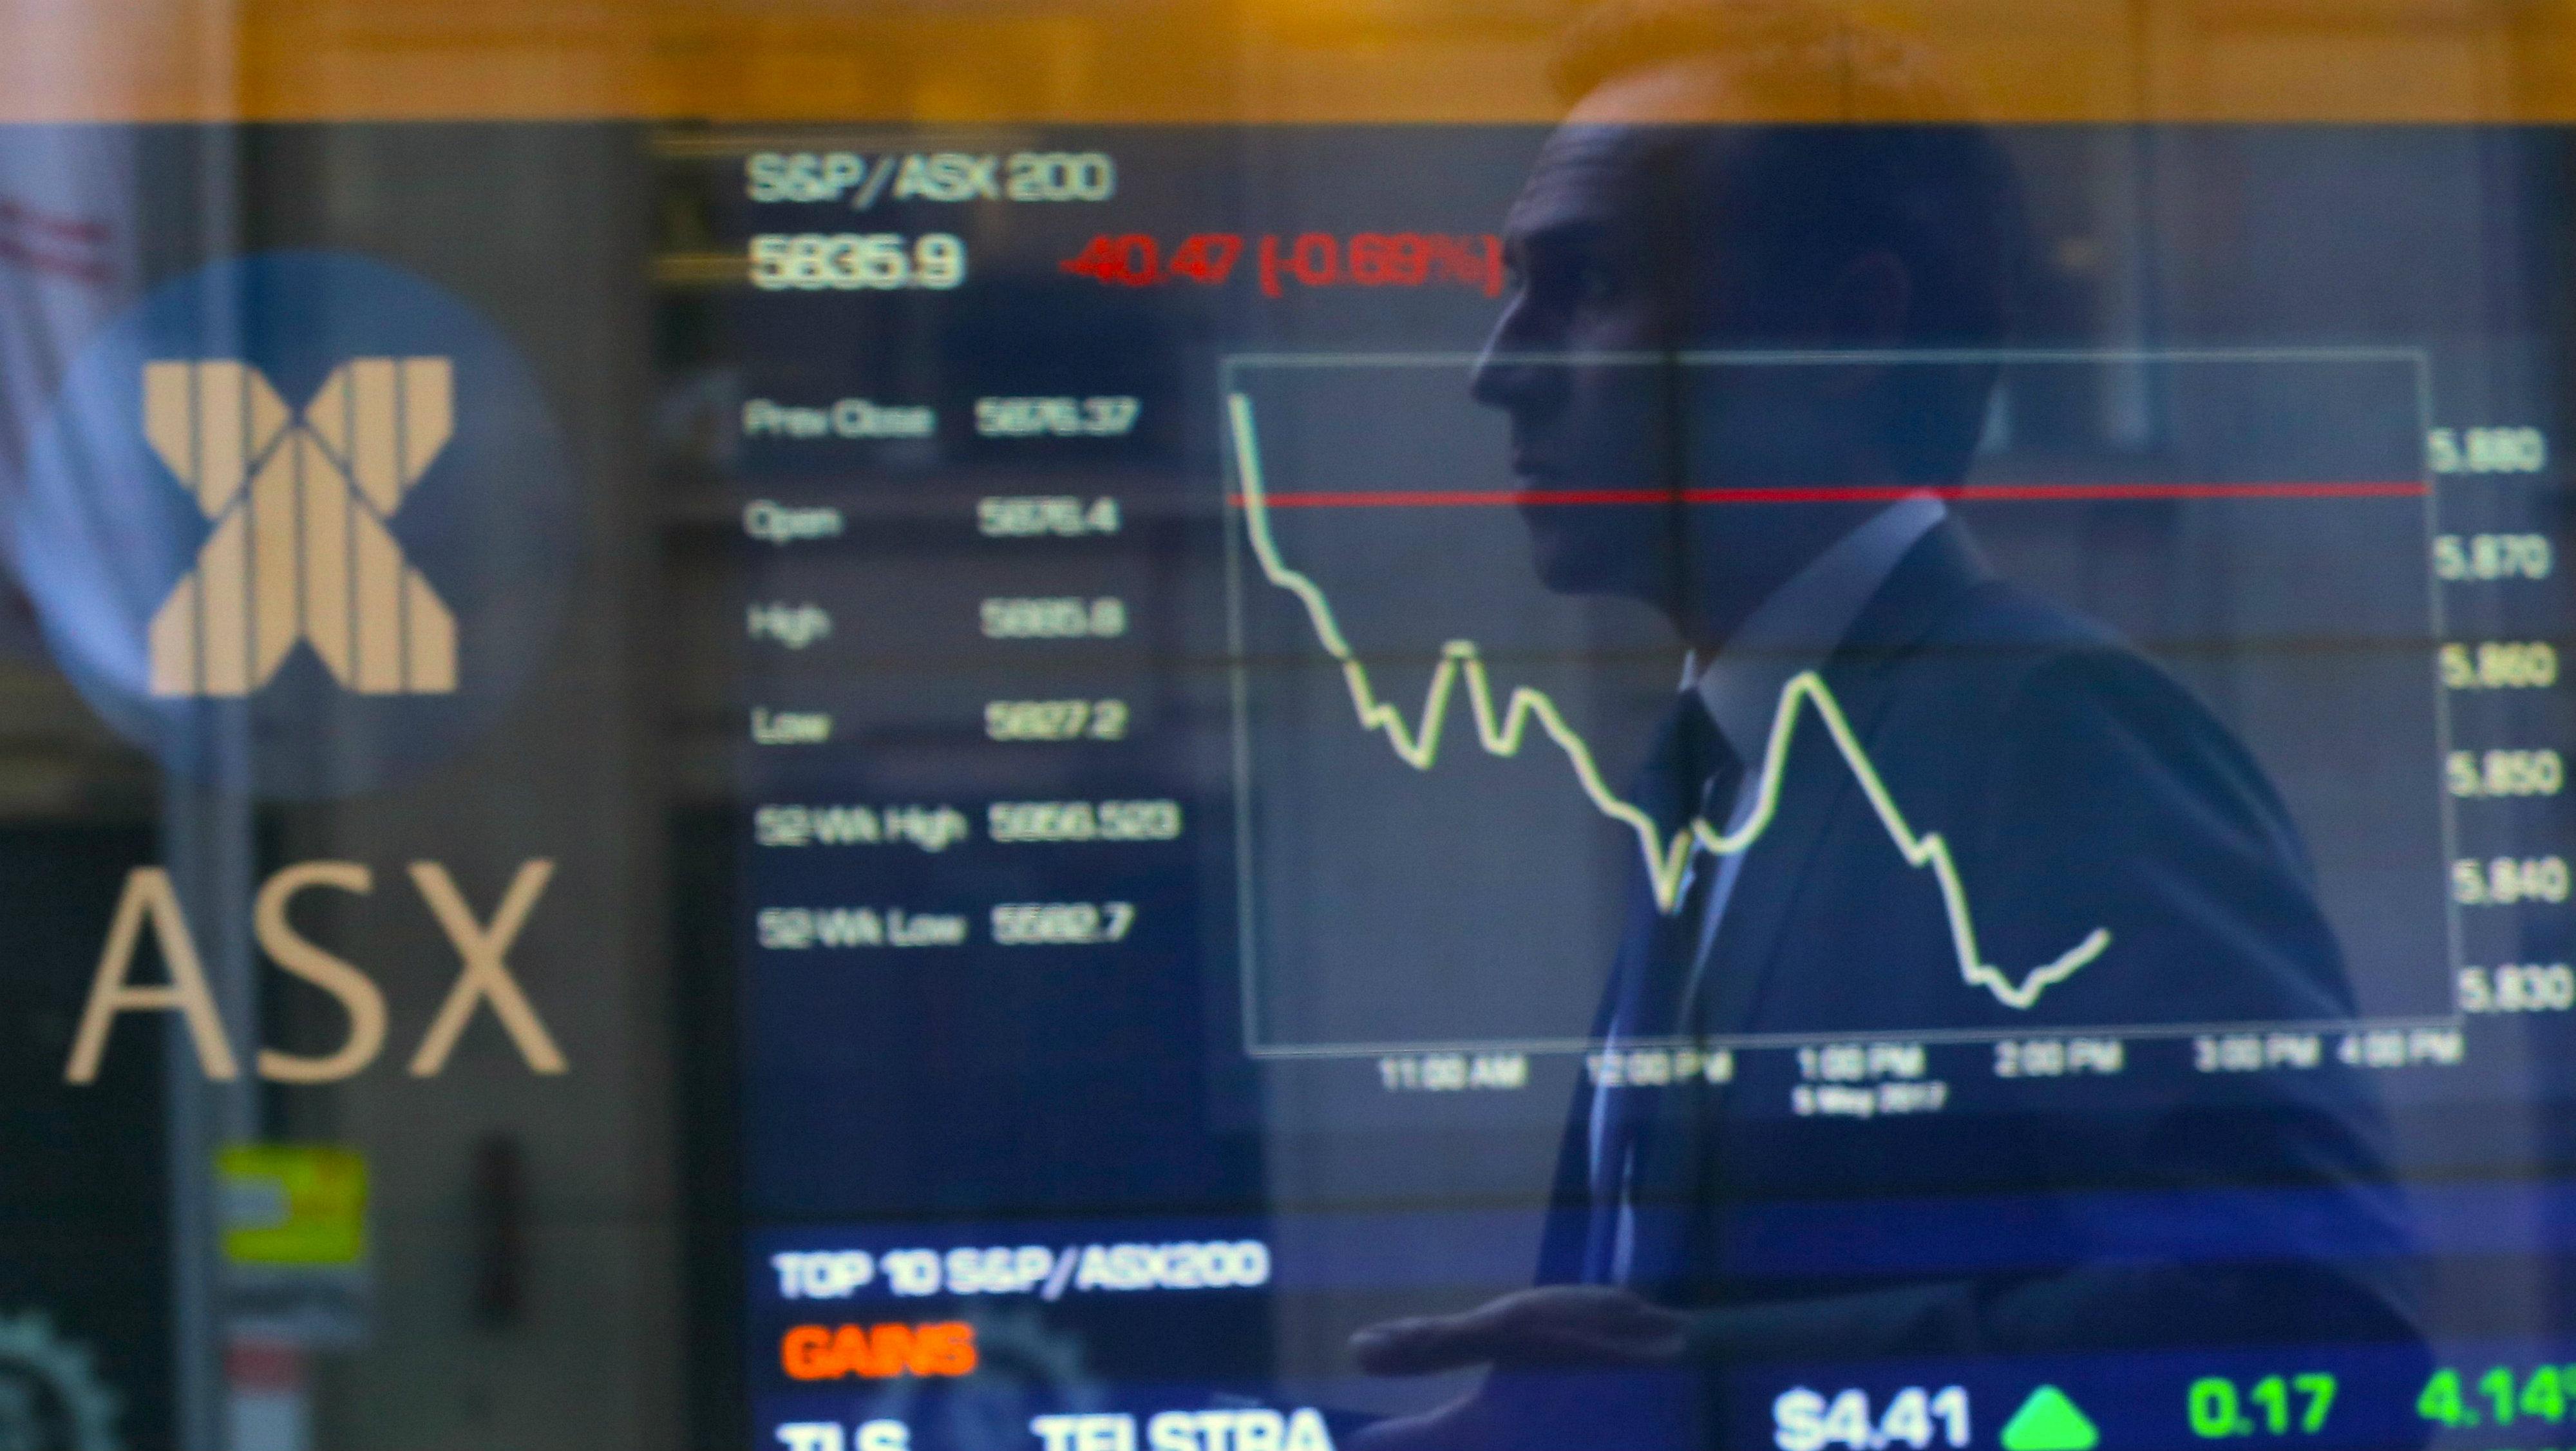 Asia markets today что нового на форекс